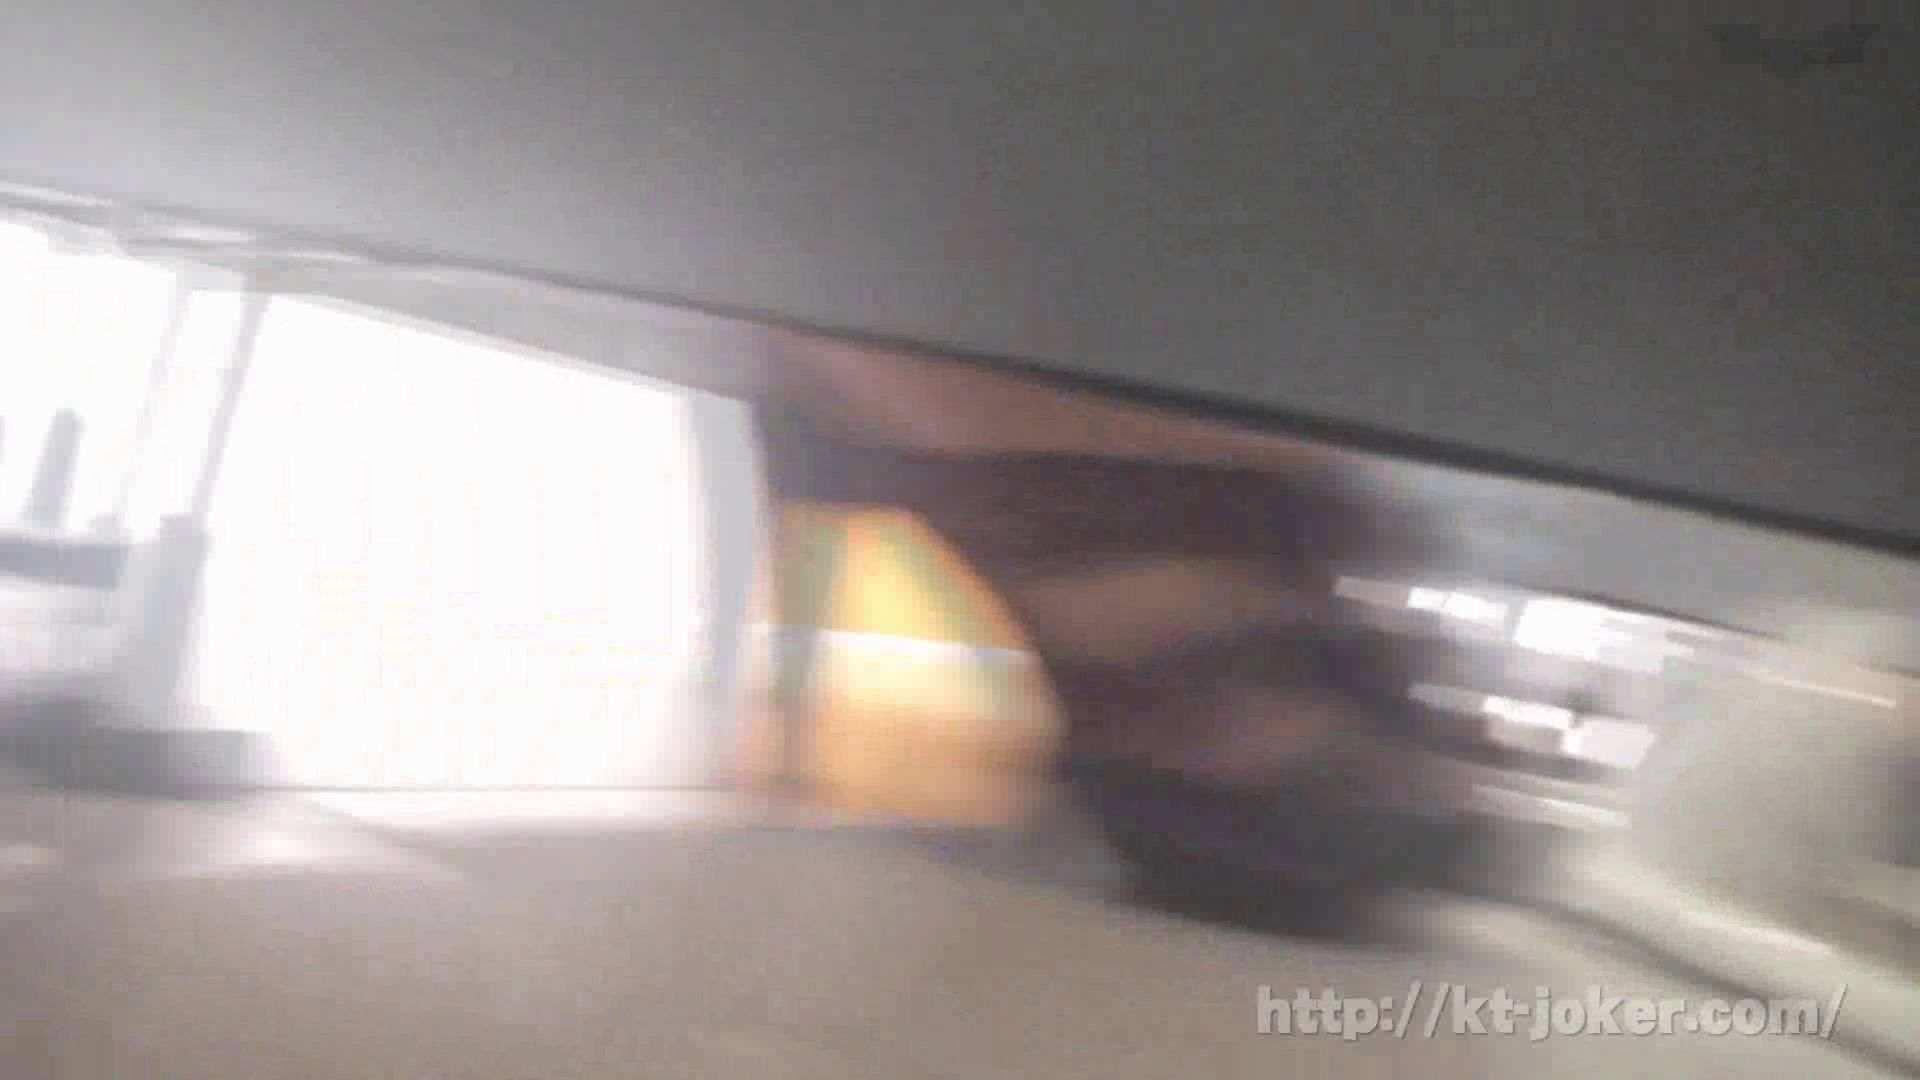 命がけ潜伏洗面所! vol.68 レベルアップ!! プライベート | OLセックス  106画像 19